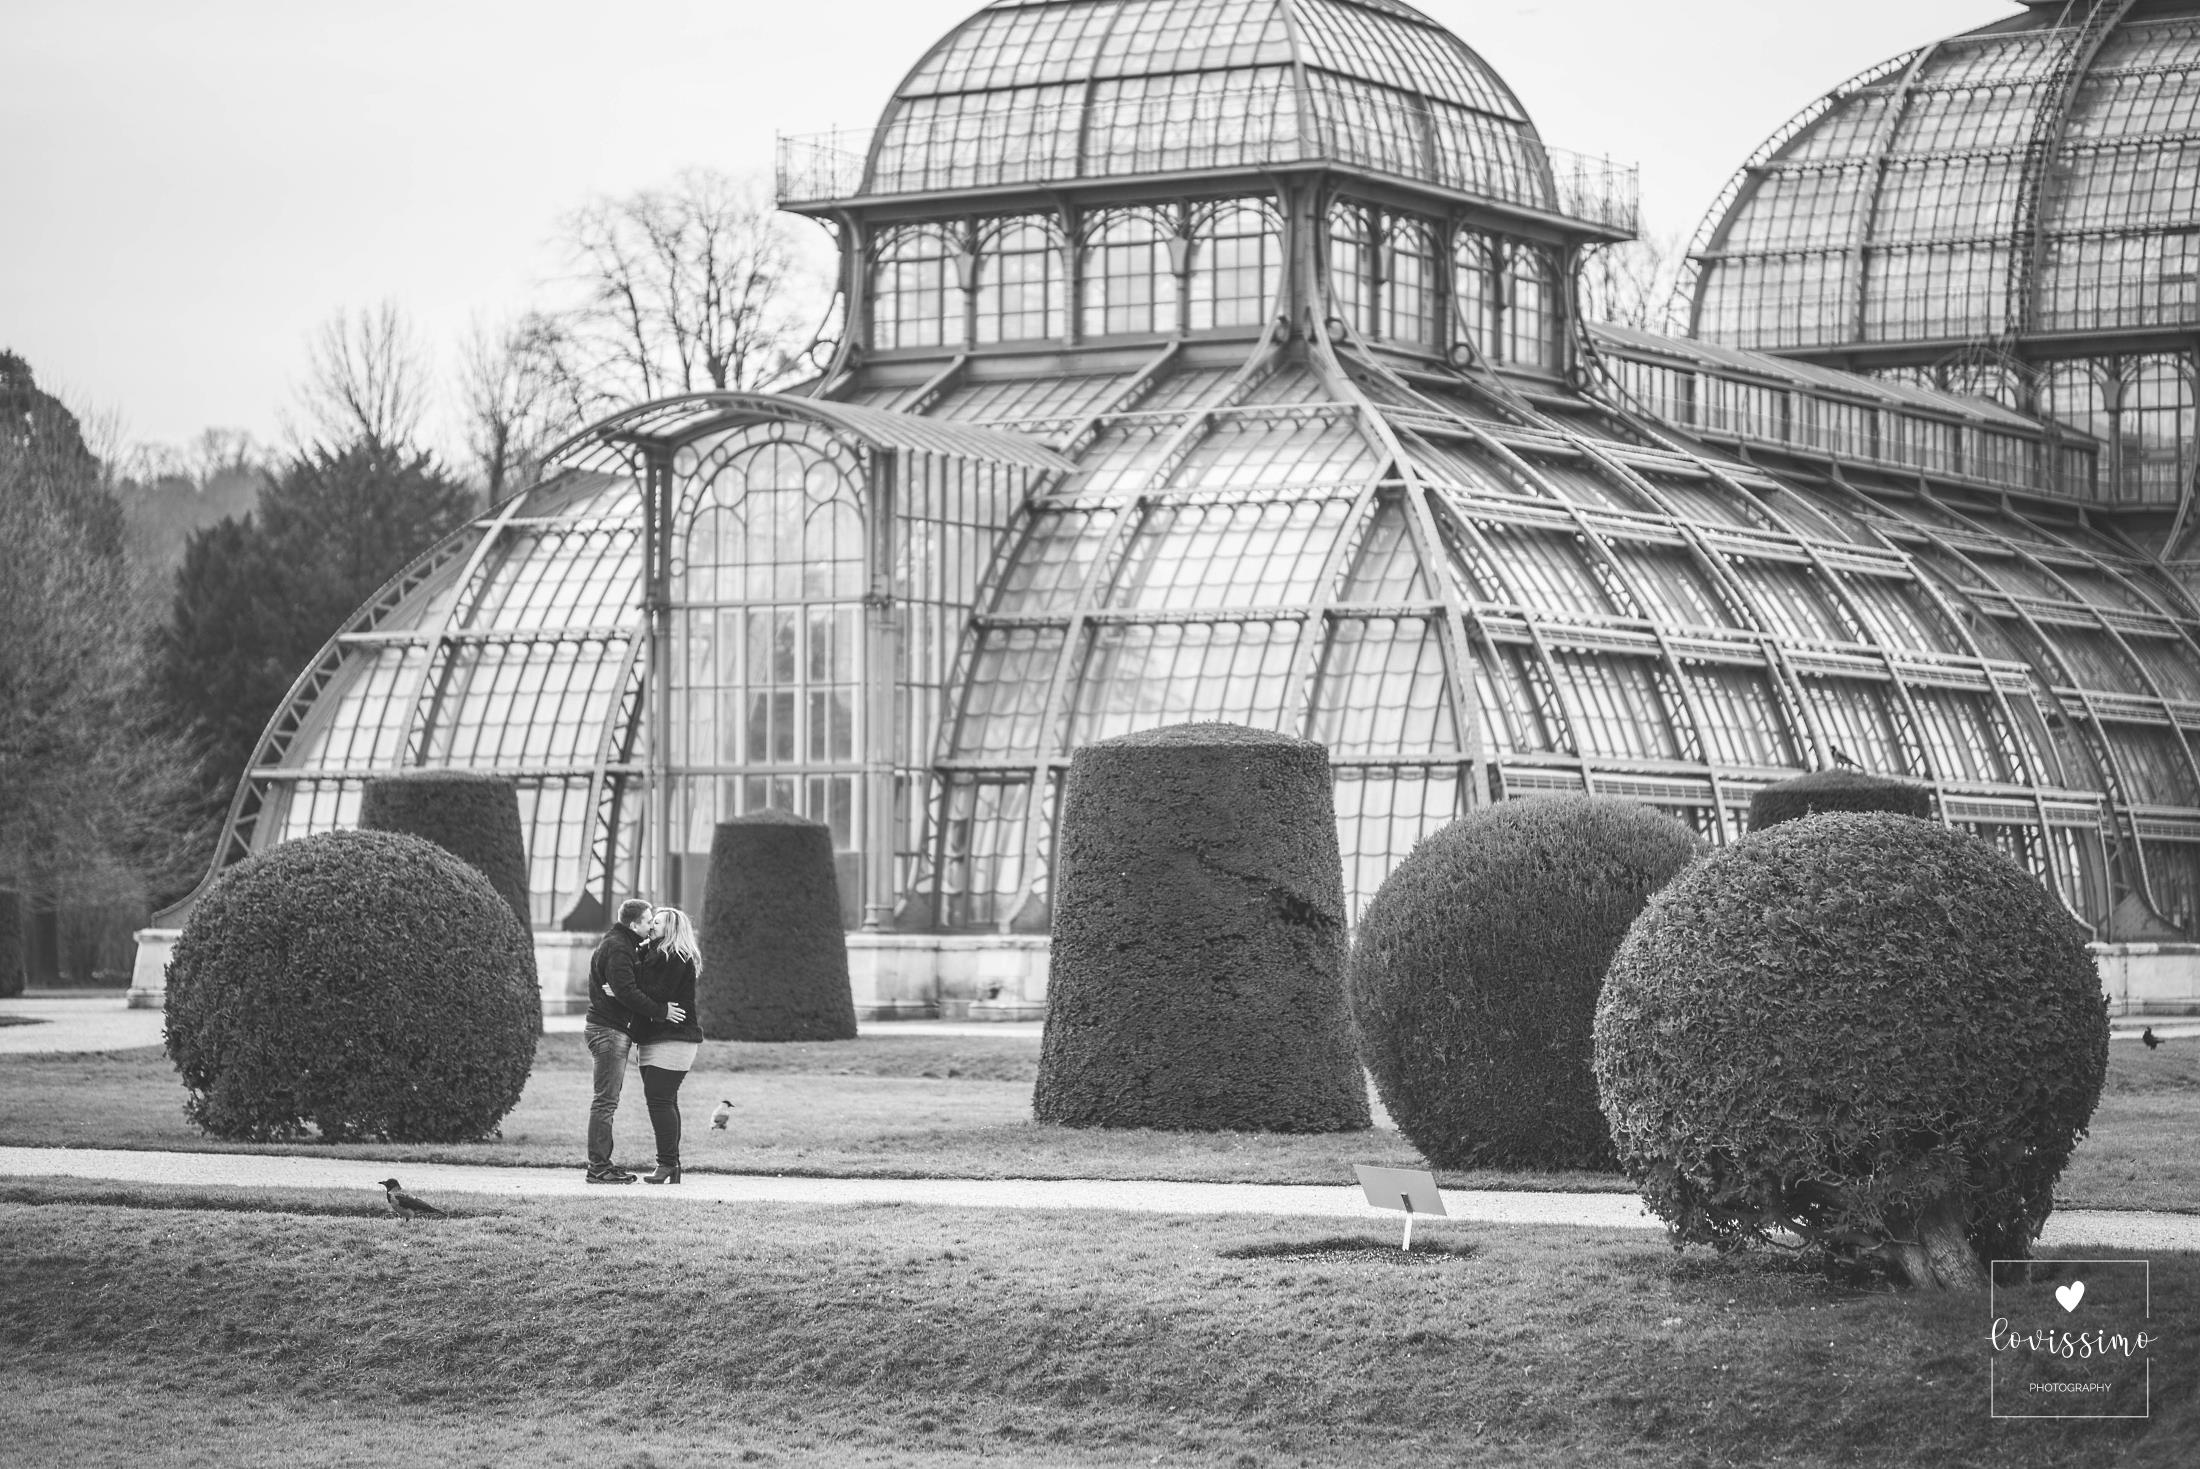 Sesja zdjęciowa w Wiedniu, sesja narzeczeńska, fotograf ślubny Wiedeń